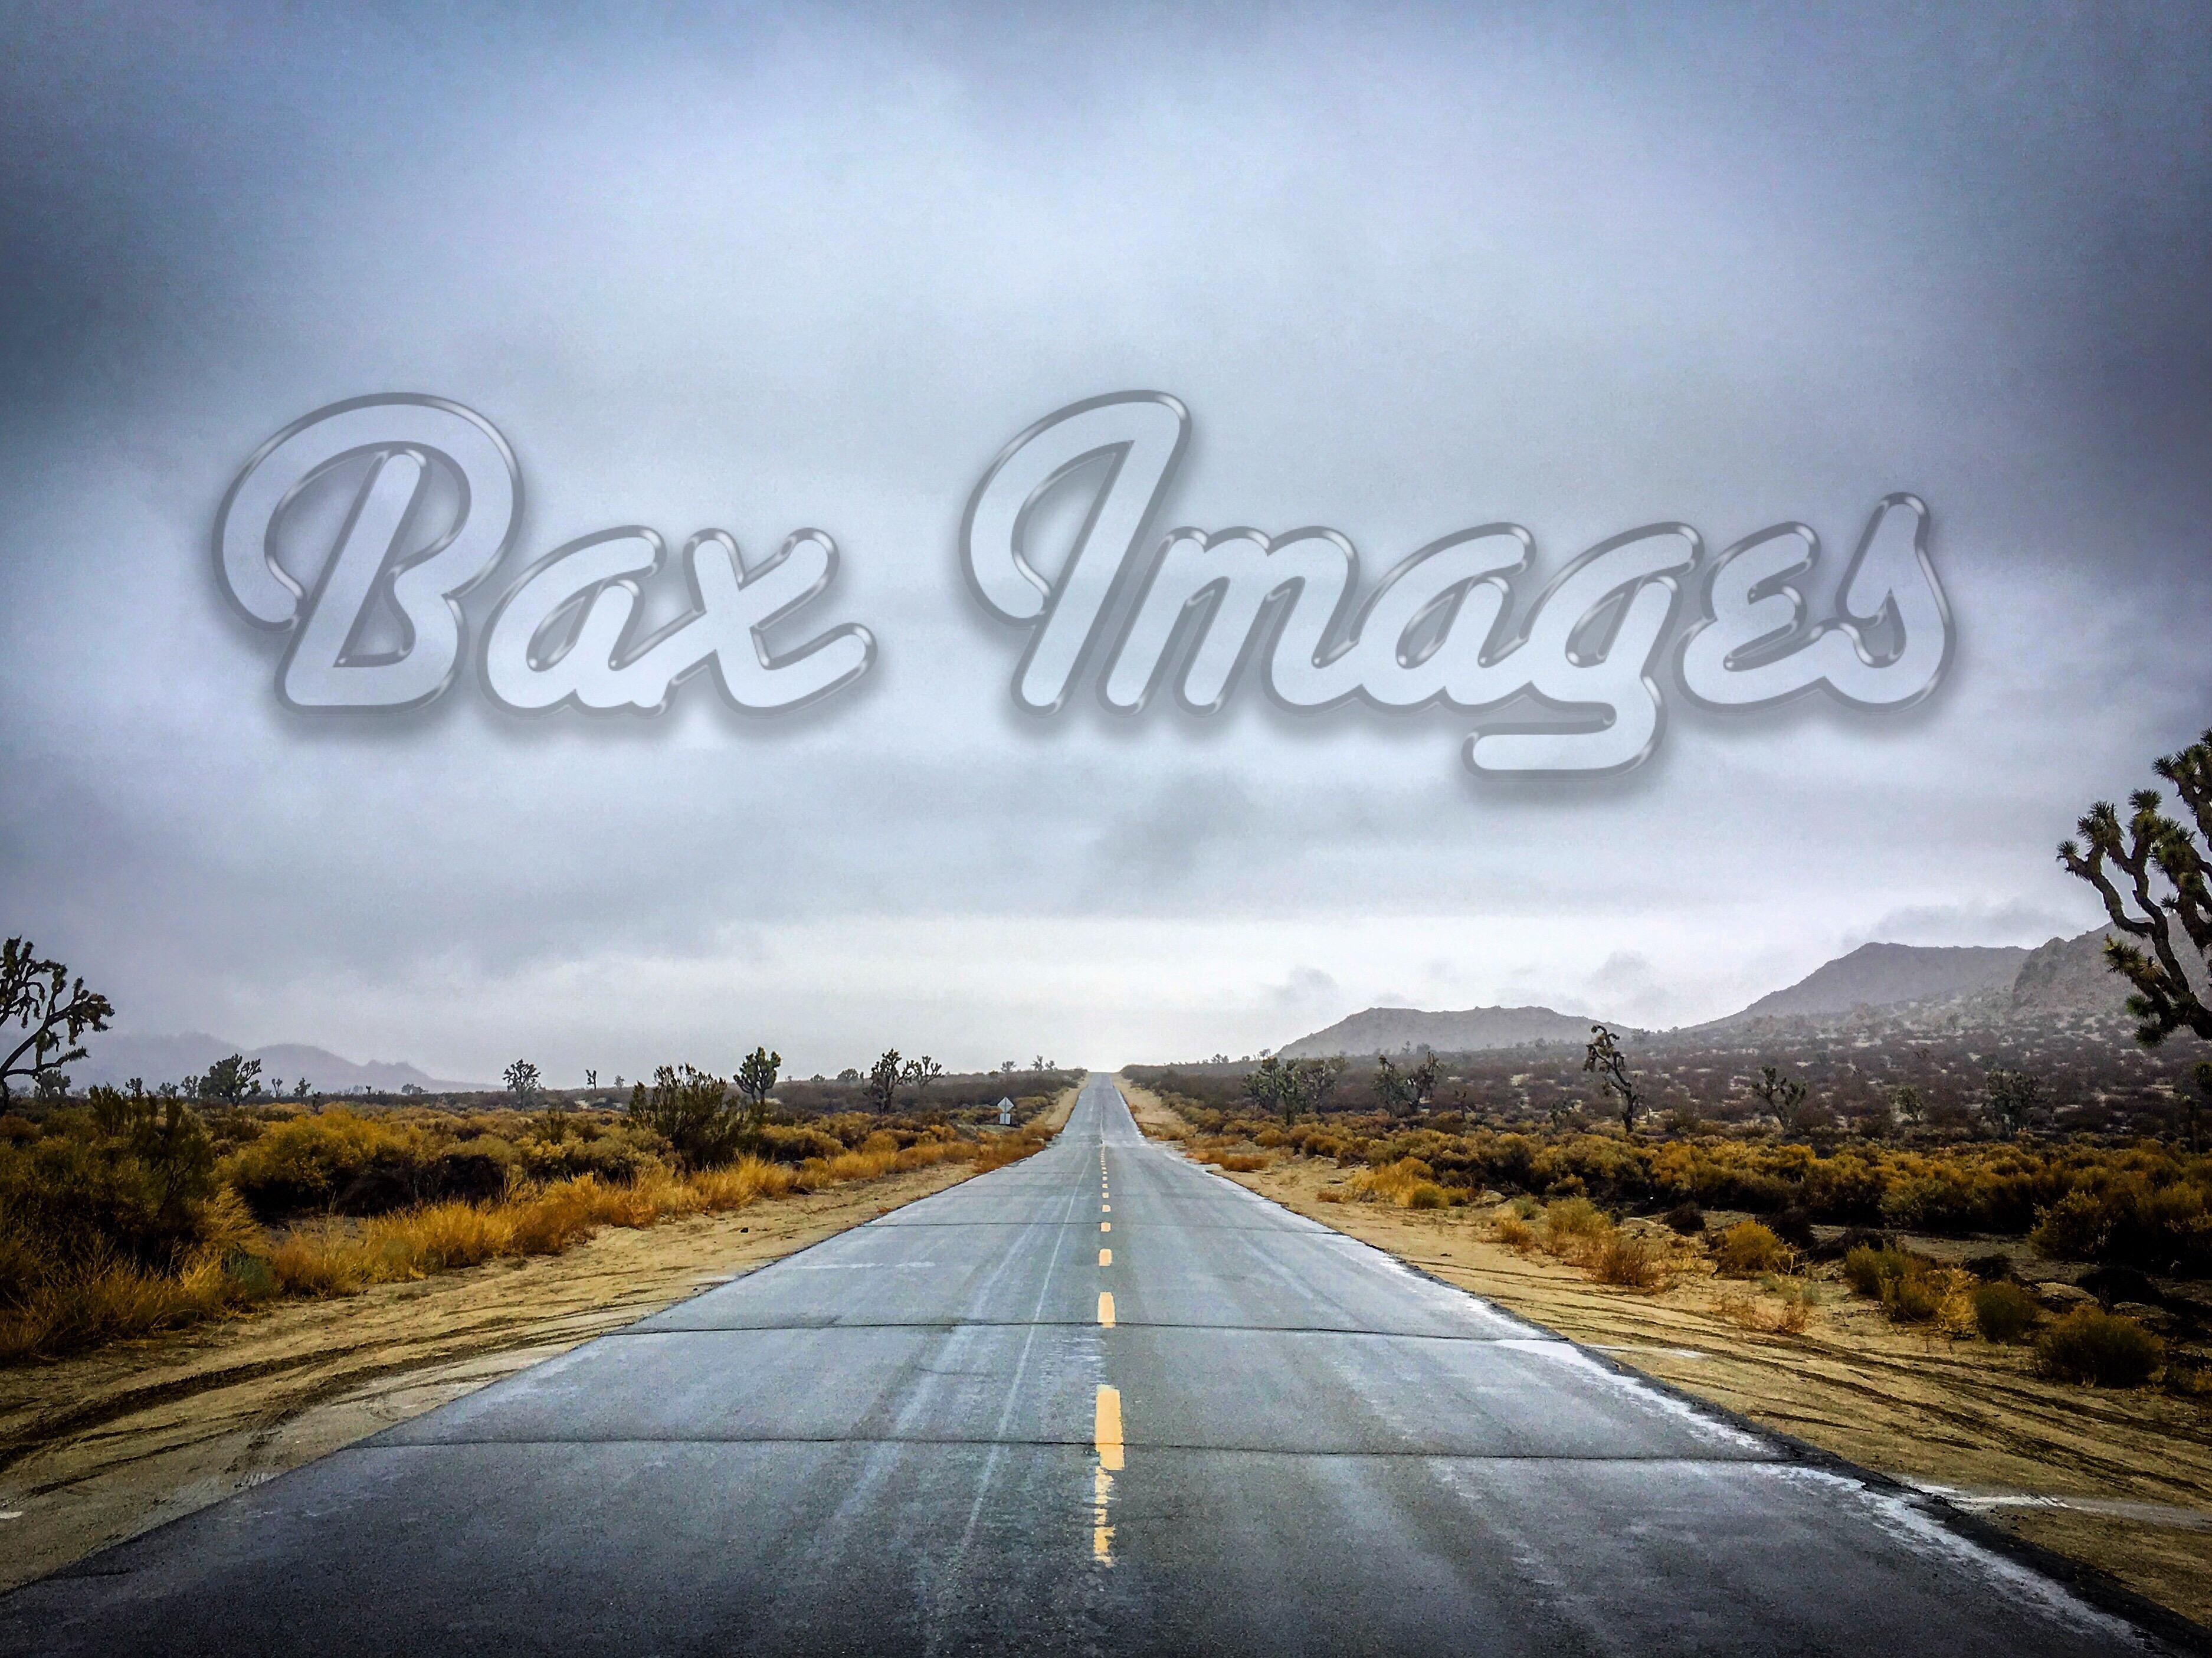 Bax Images